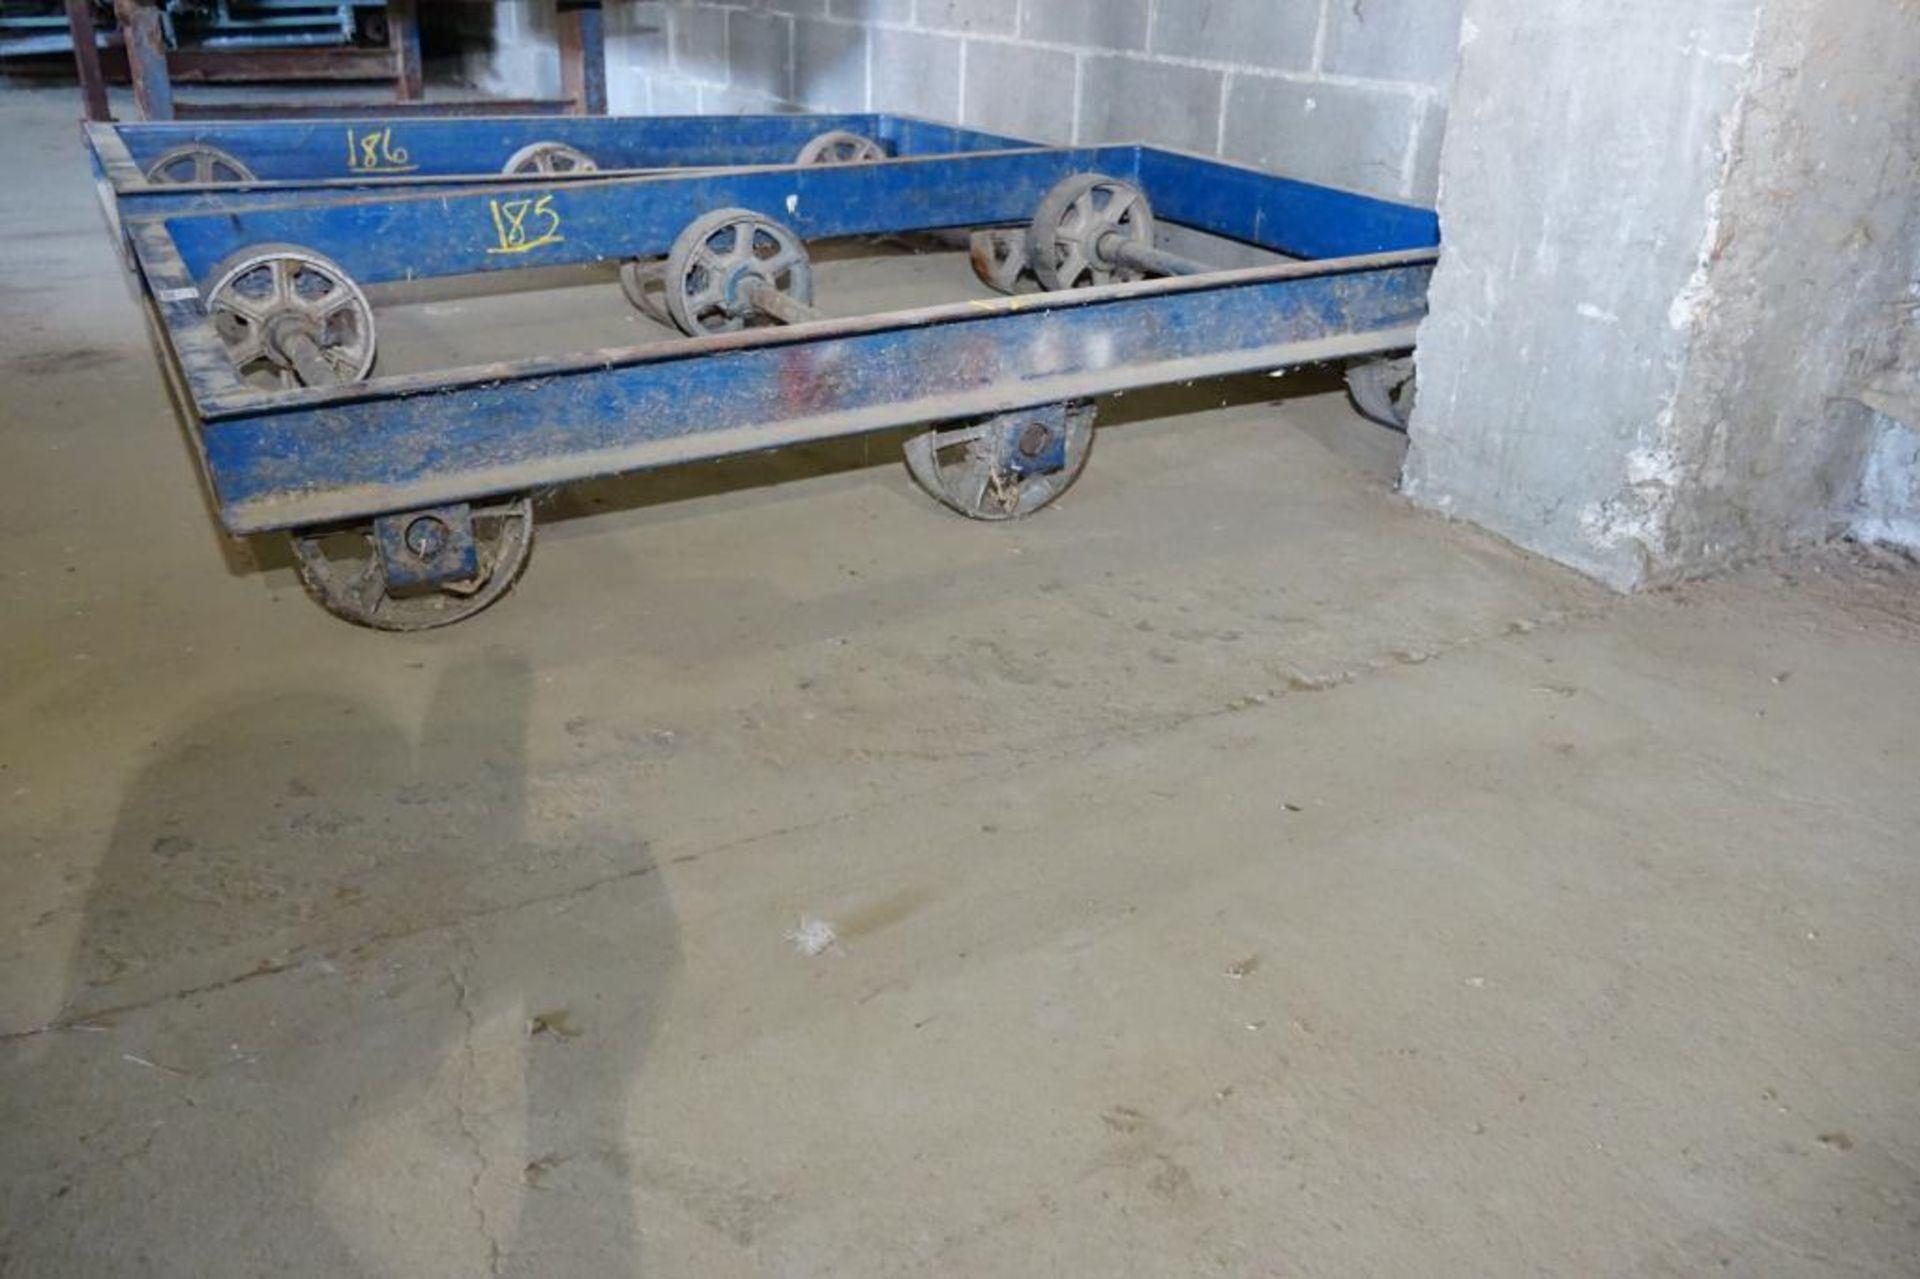 Low Profile Lumber Carts - Image 2 of 2